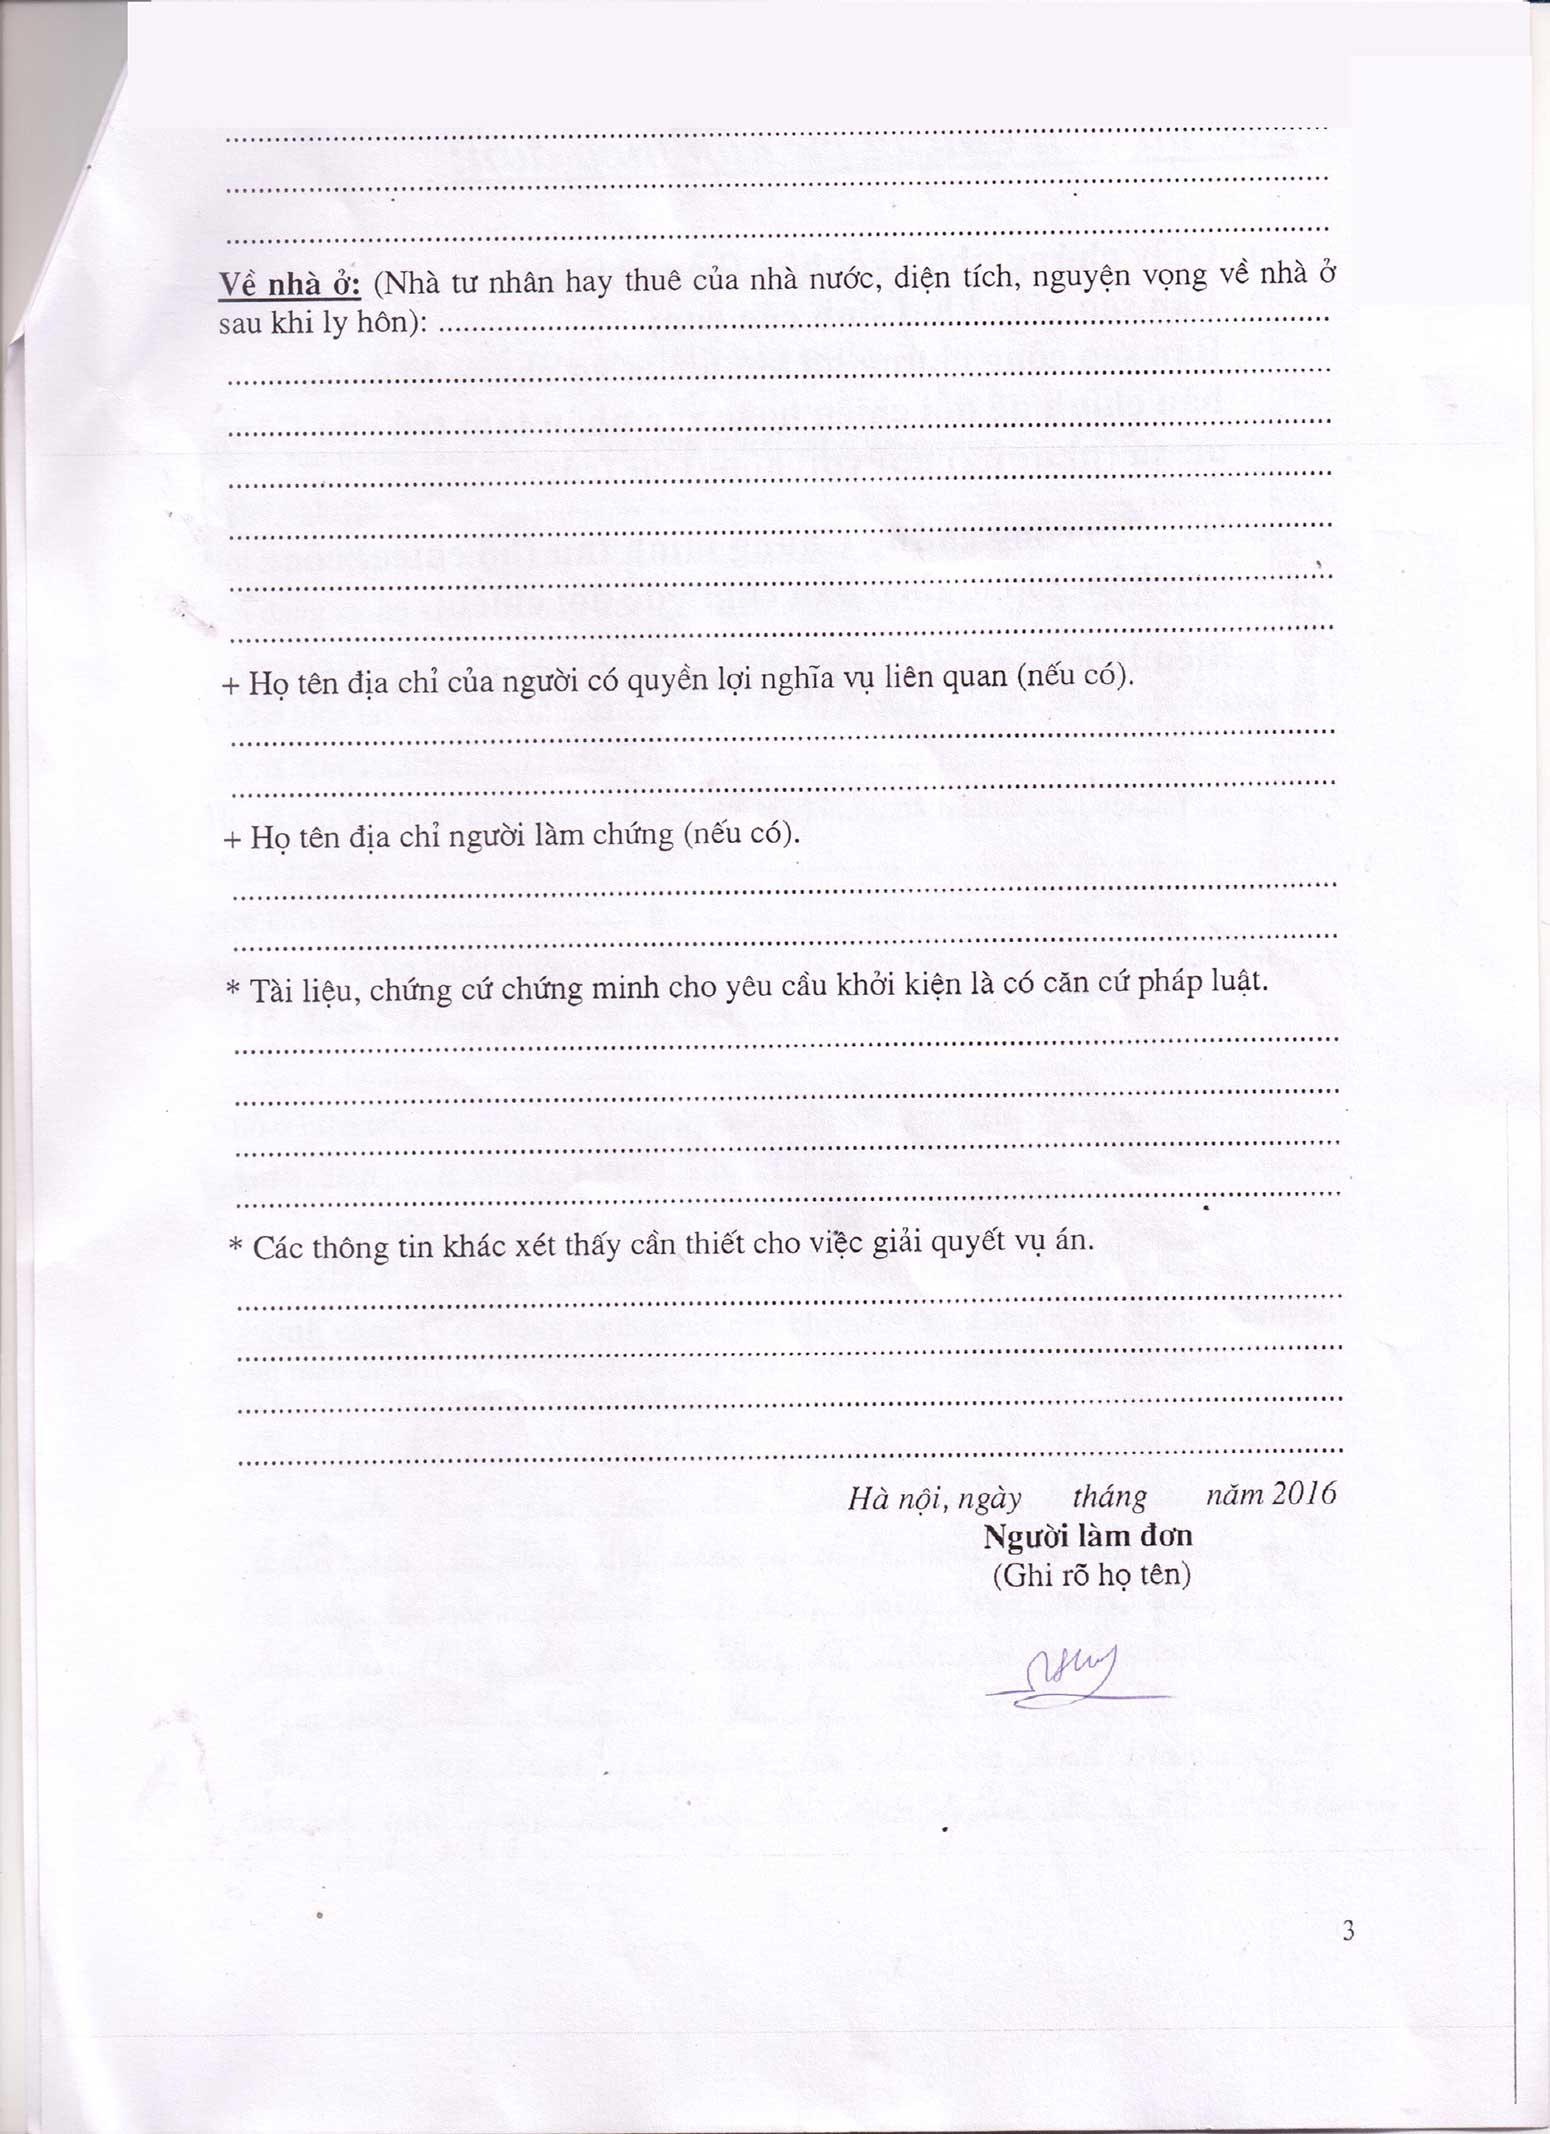 Đơn xin ly hôn viết tay trang 3